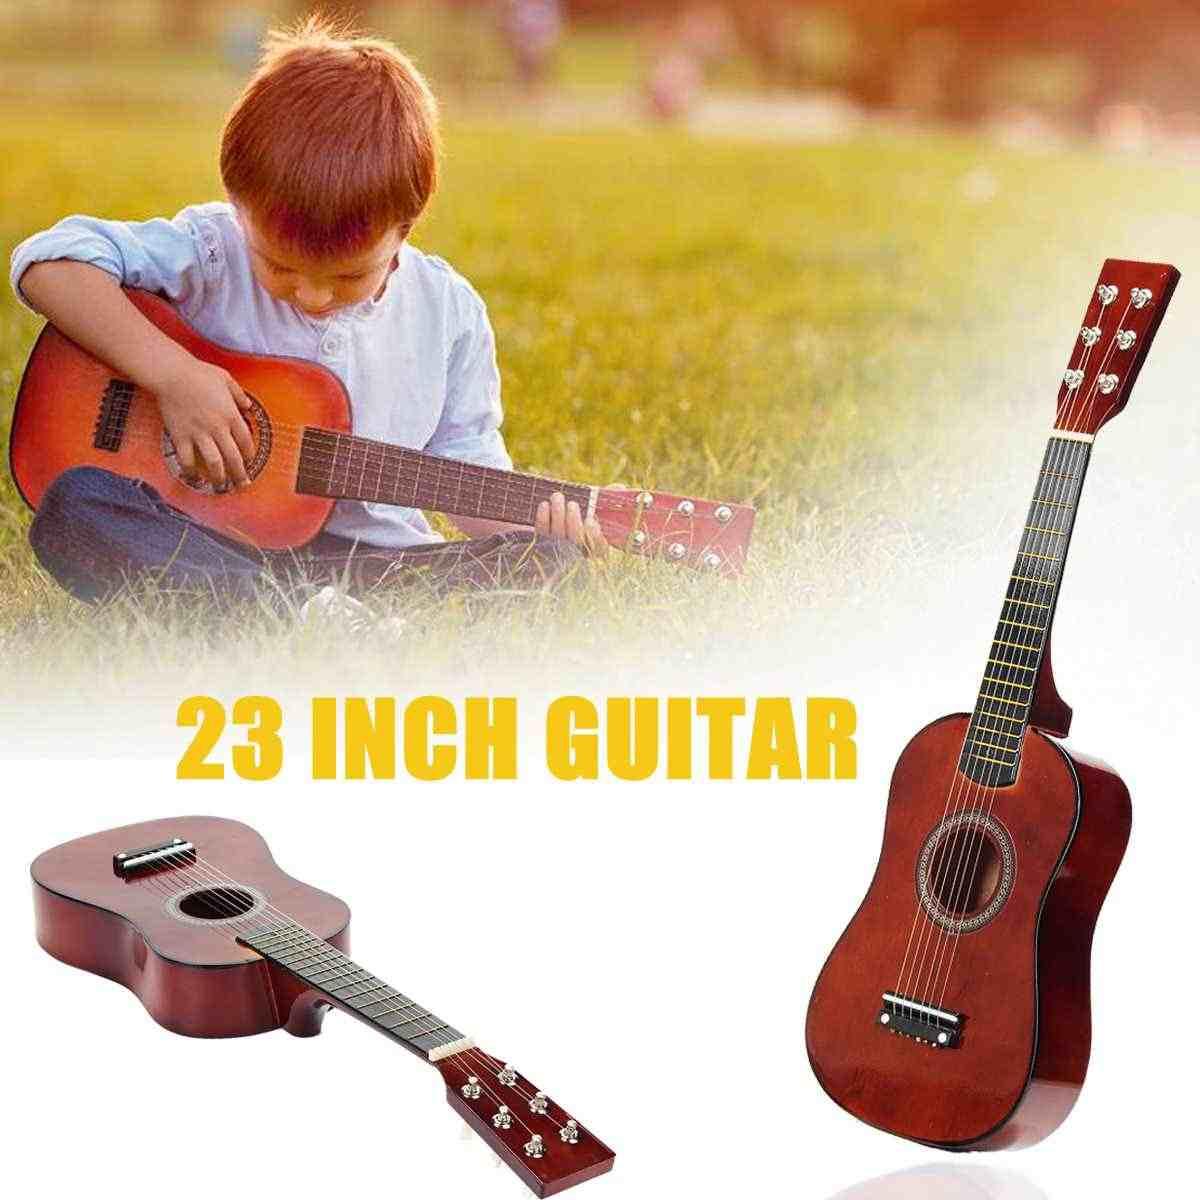 23 дюймов 6 струн липа кофе мини дети концертная акустическая гитара укулеле музыкальный инструмент для детей любителей музыки подарок